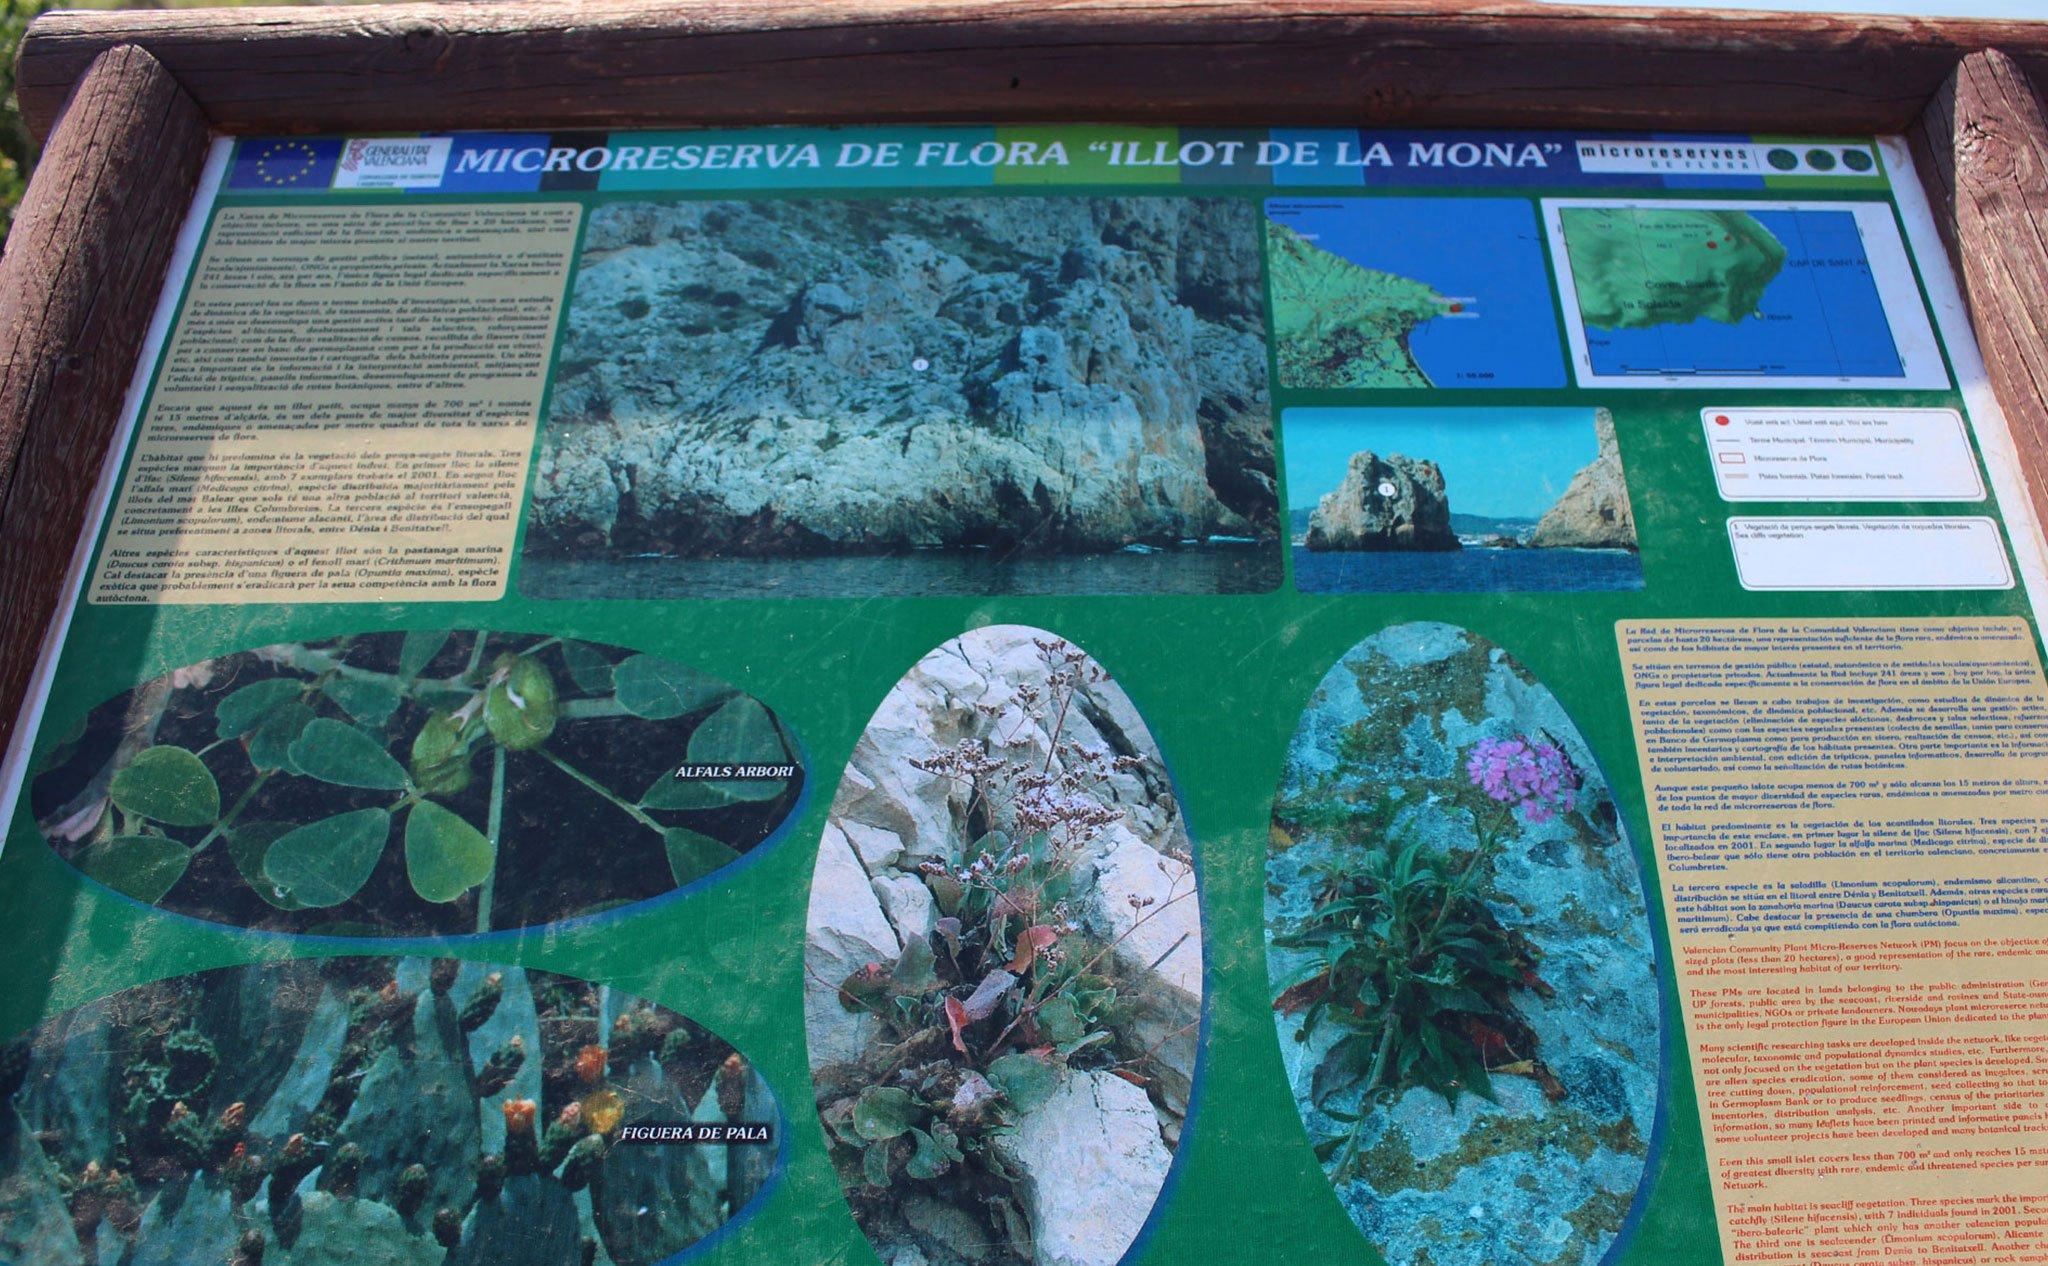 Panel informativo sobre la microrreserva de flora de l'Illot de la Monta, en el Cabo de San Antonio de Jávea